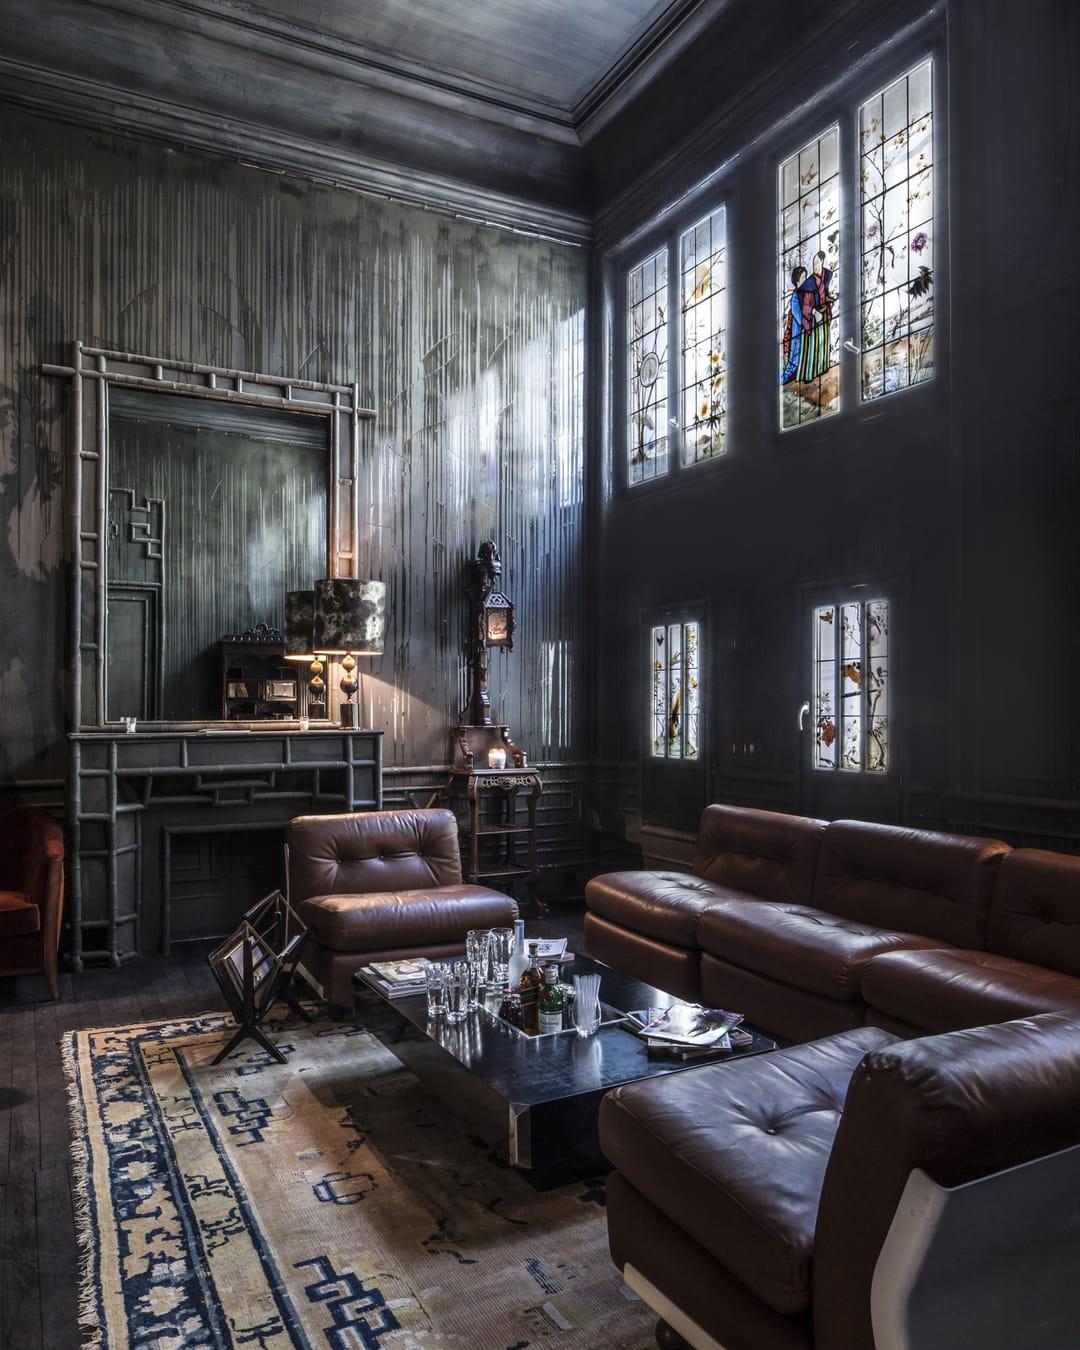 salon maison et objet septembre 2017 toutes les infos pratiques. Black Bedroom Furniture Sets. Home Design Ideas